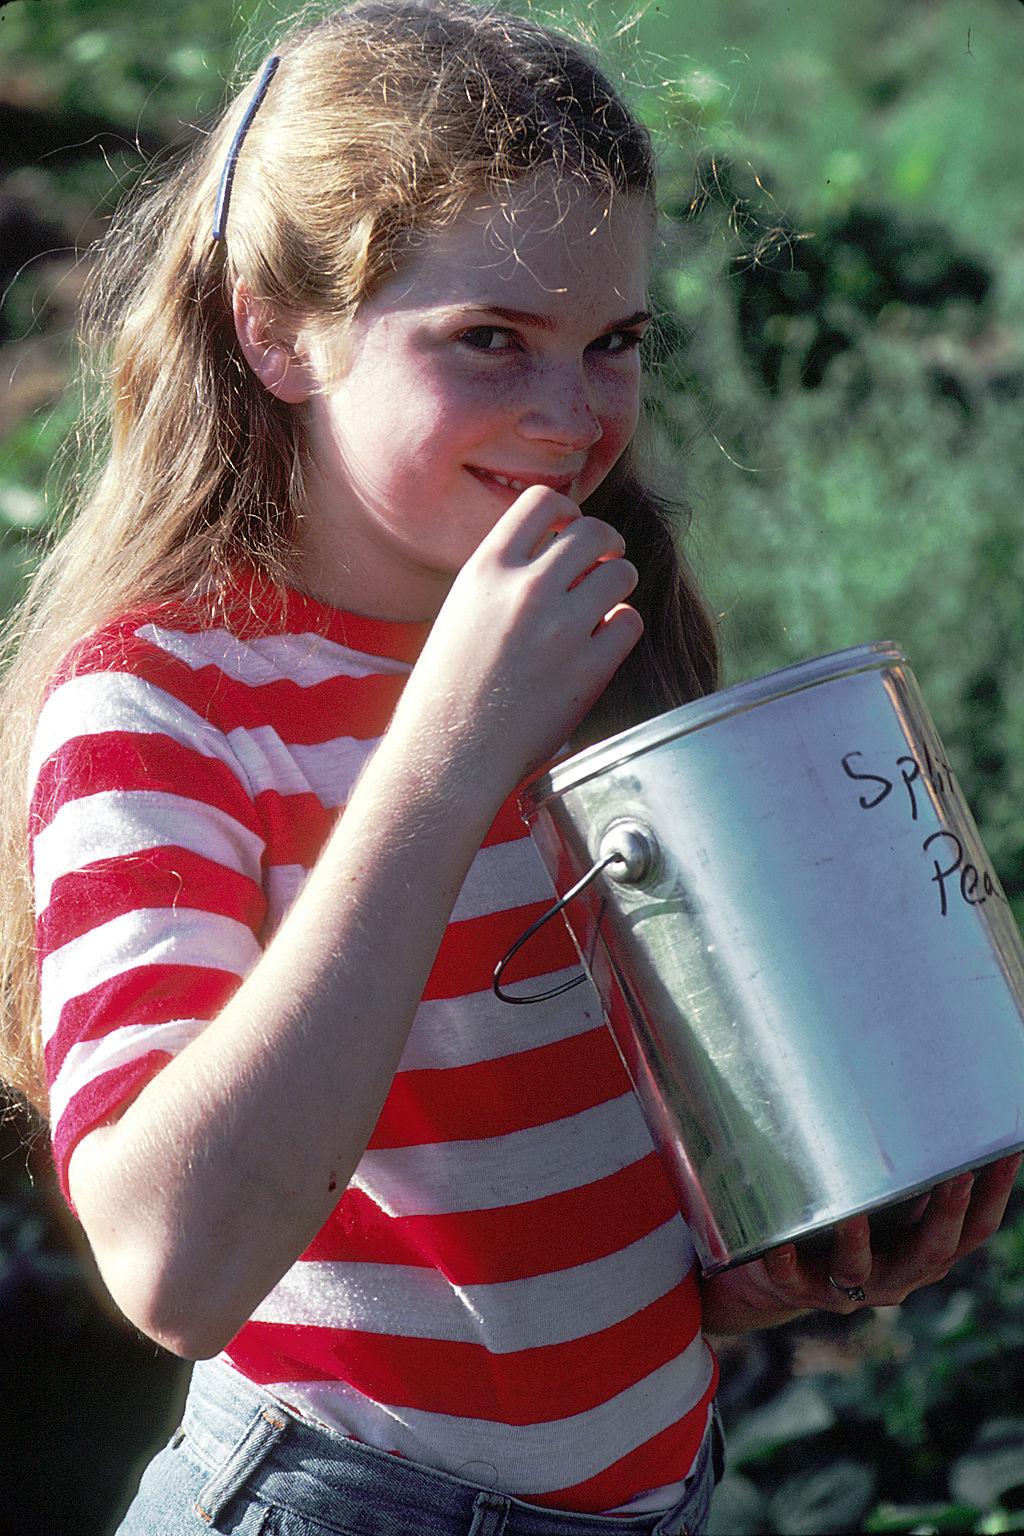 Young_girl_eating.jpg